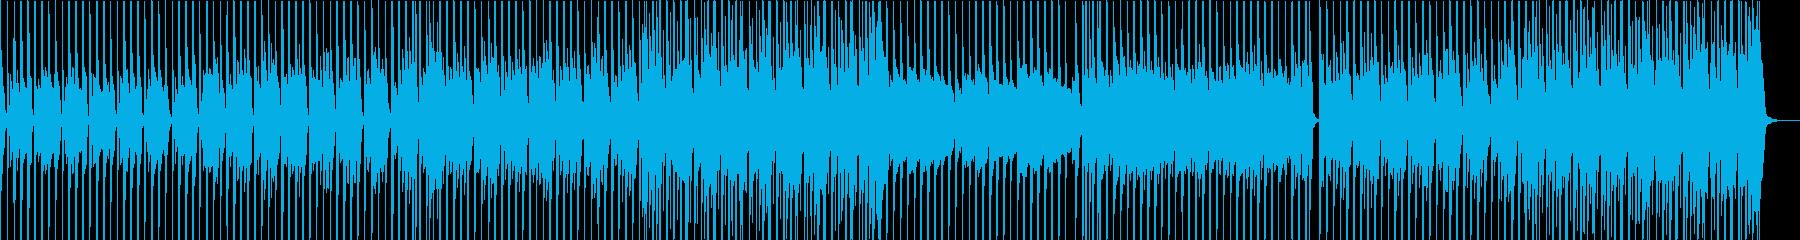 ポップインスト。弾力性のある楽しい気楽。の再生済みの波形